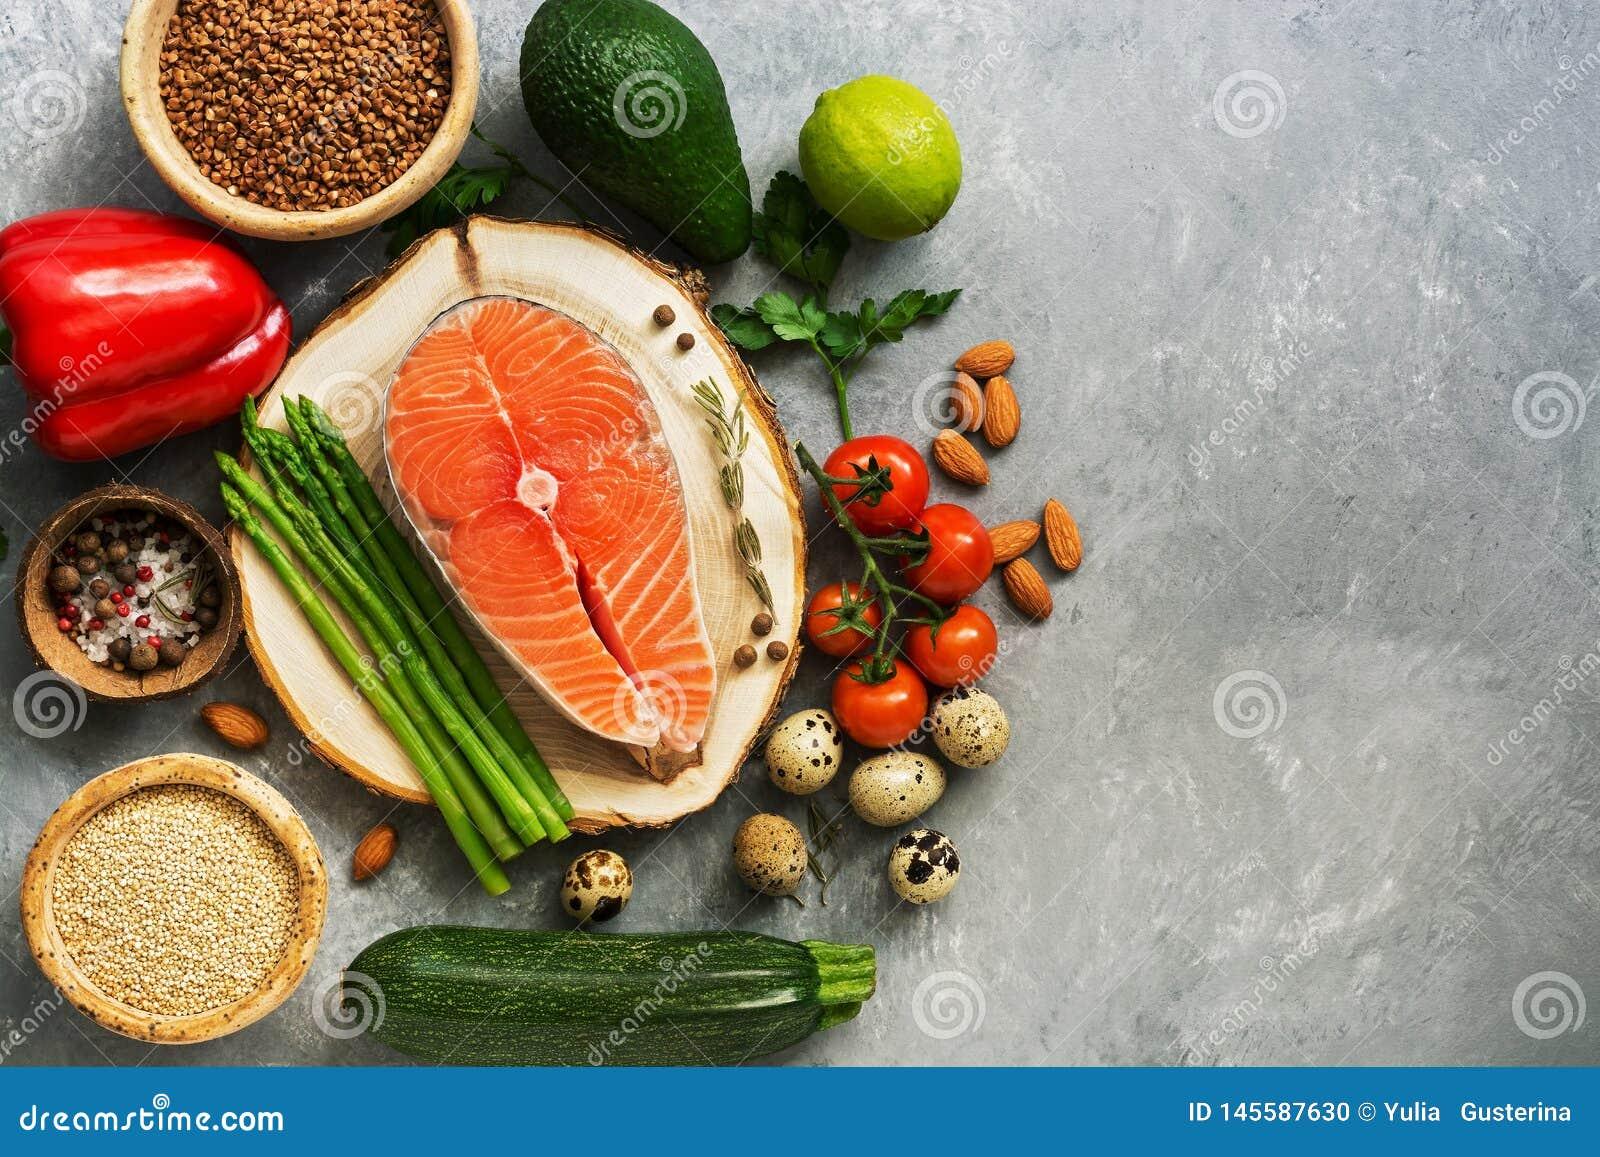 Σολομός μπριζόλας ακατέργαστων ψαριών, δημητριακά, φρέσκα λαχανικά, αυγό ορτυκιών, καρύδια και καρυκεύματα σε ένα γκρίζο υπόβαθρο